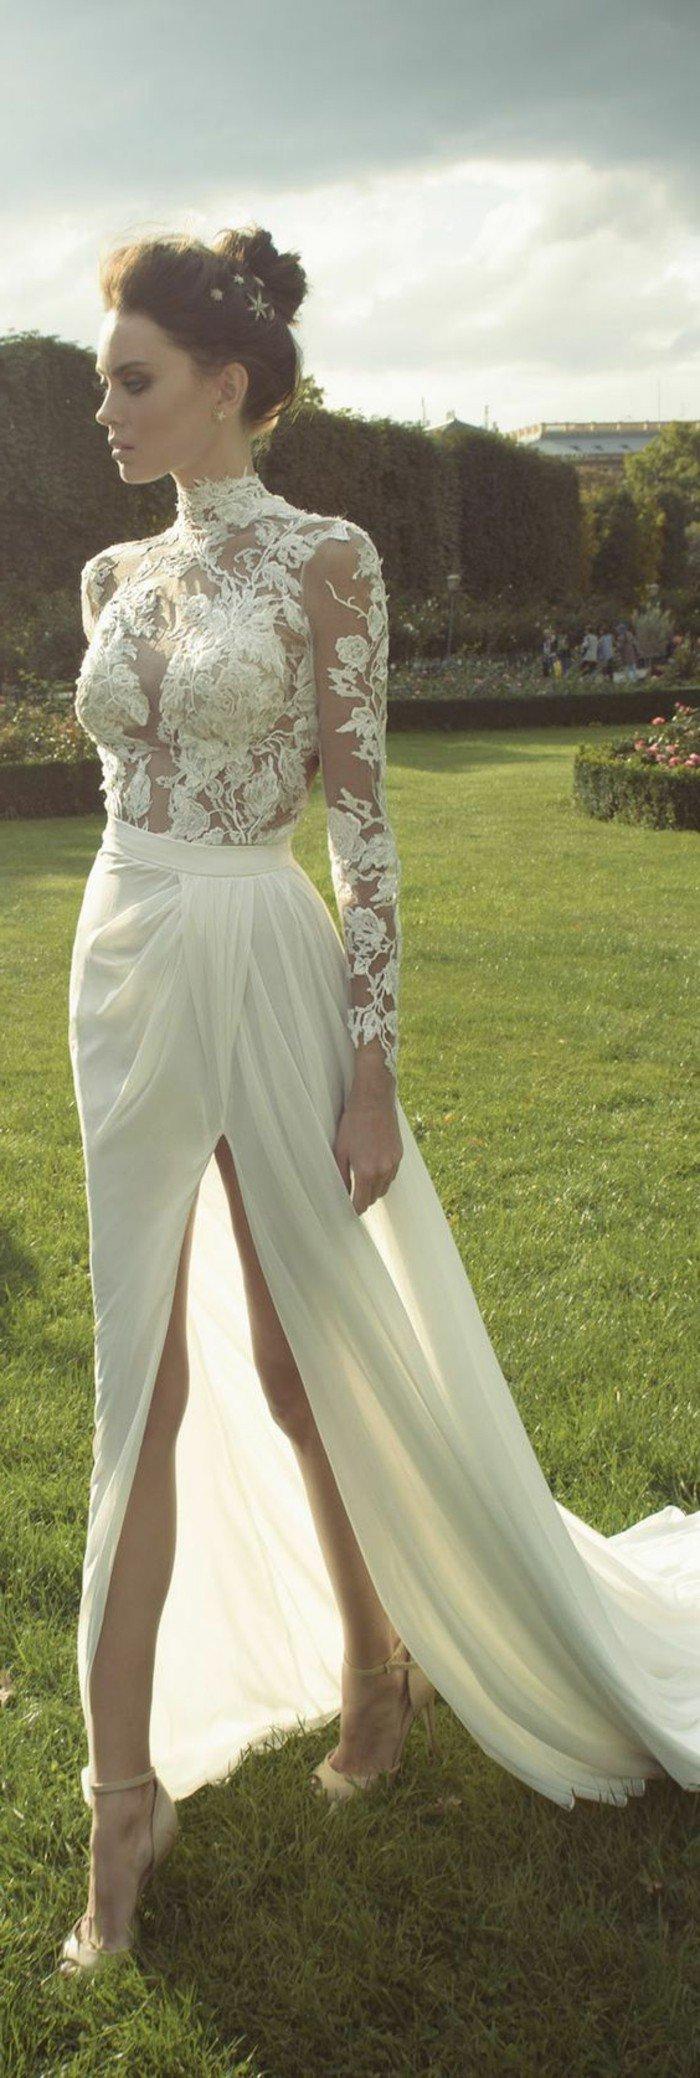 00-la-plus-jolie-robe-de-mariee-simple-avec-top-dentelle-et-jupe-longue-blanche